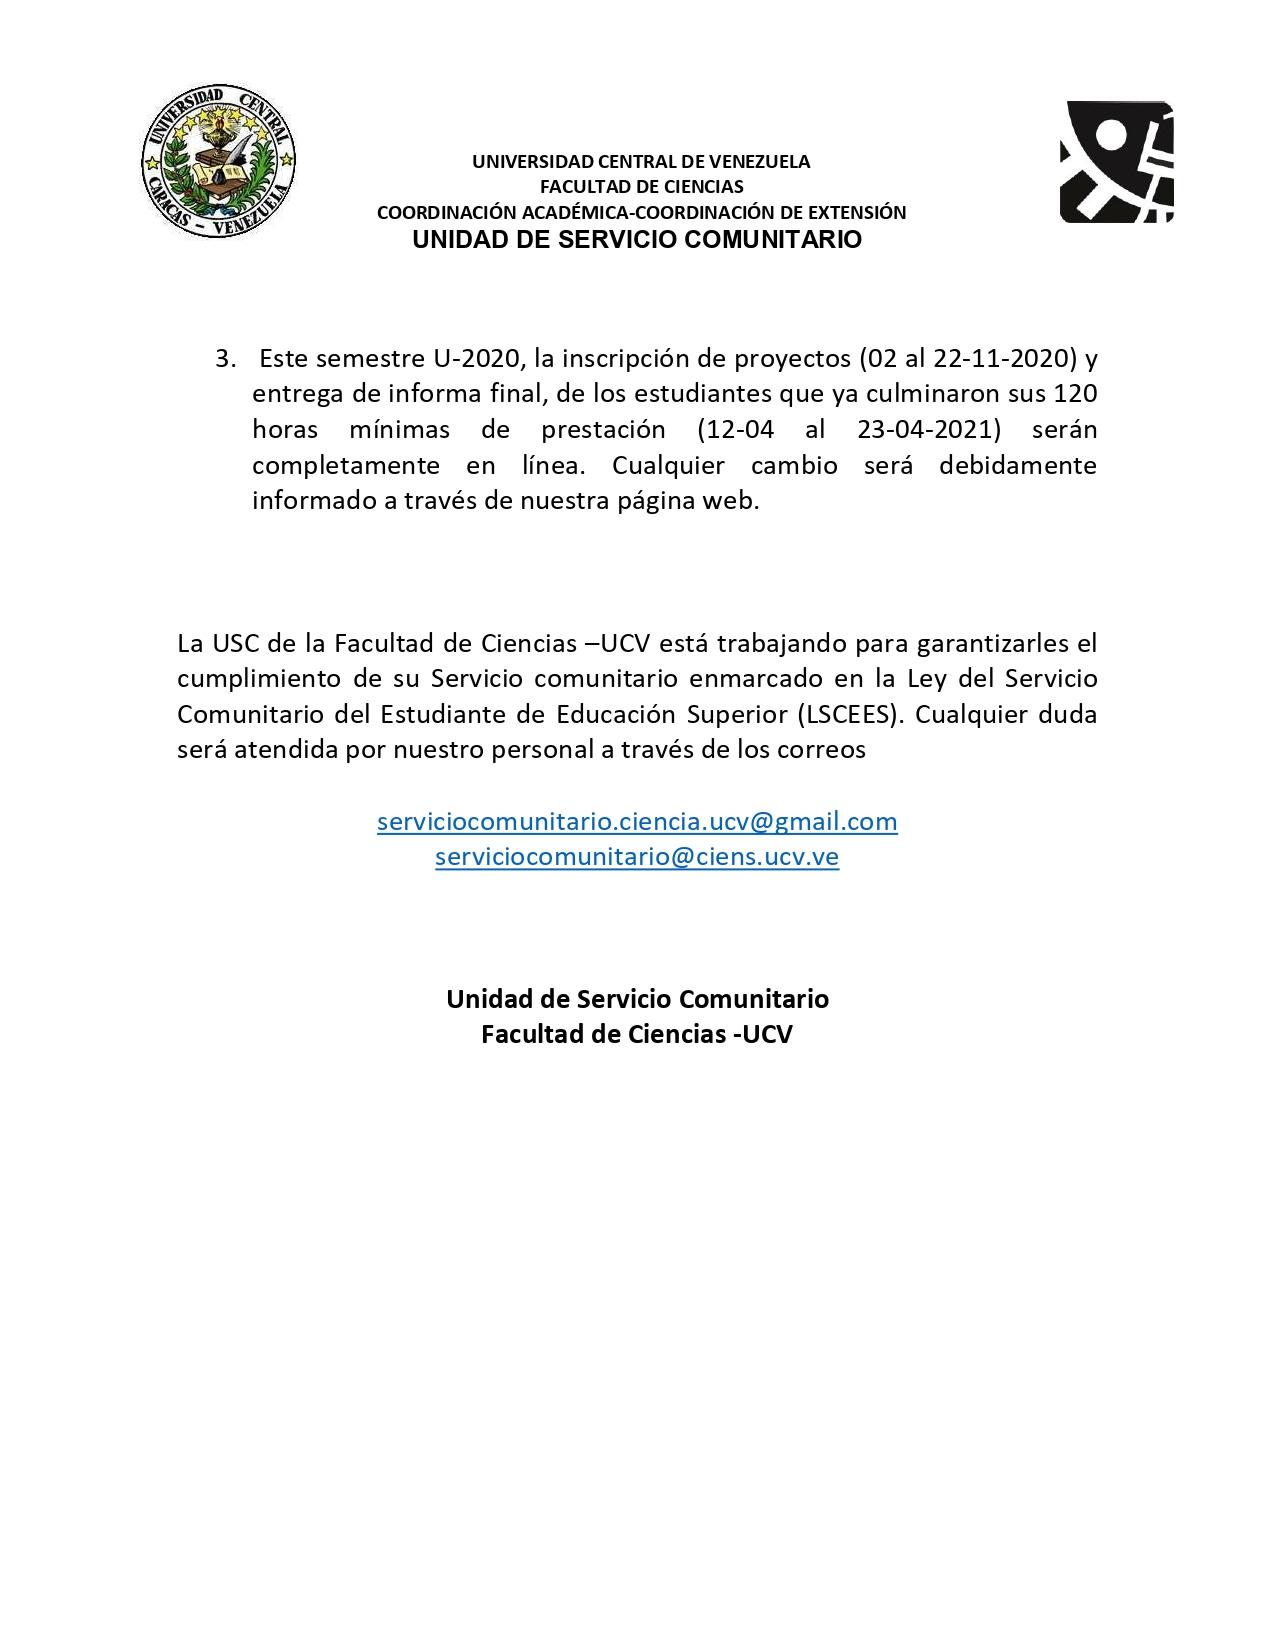 AFICHE-CURSO-DE-INDUCCION-SEMESTRE-U-2020-DOCENTE-1